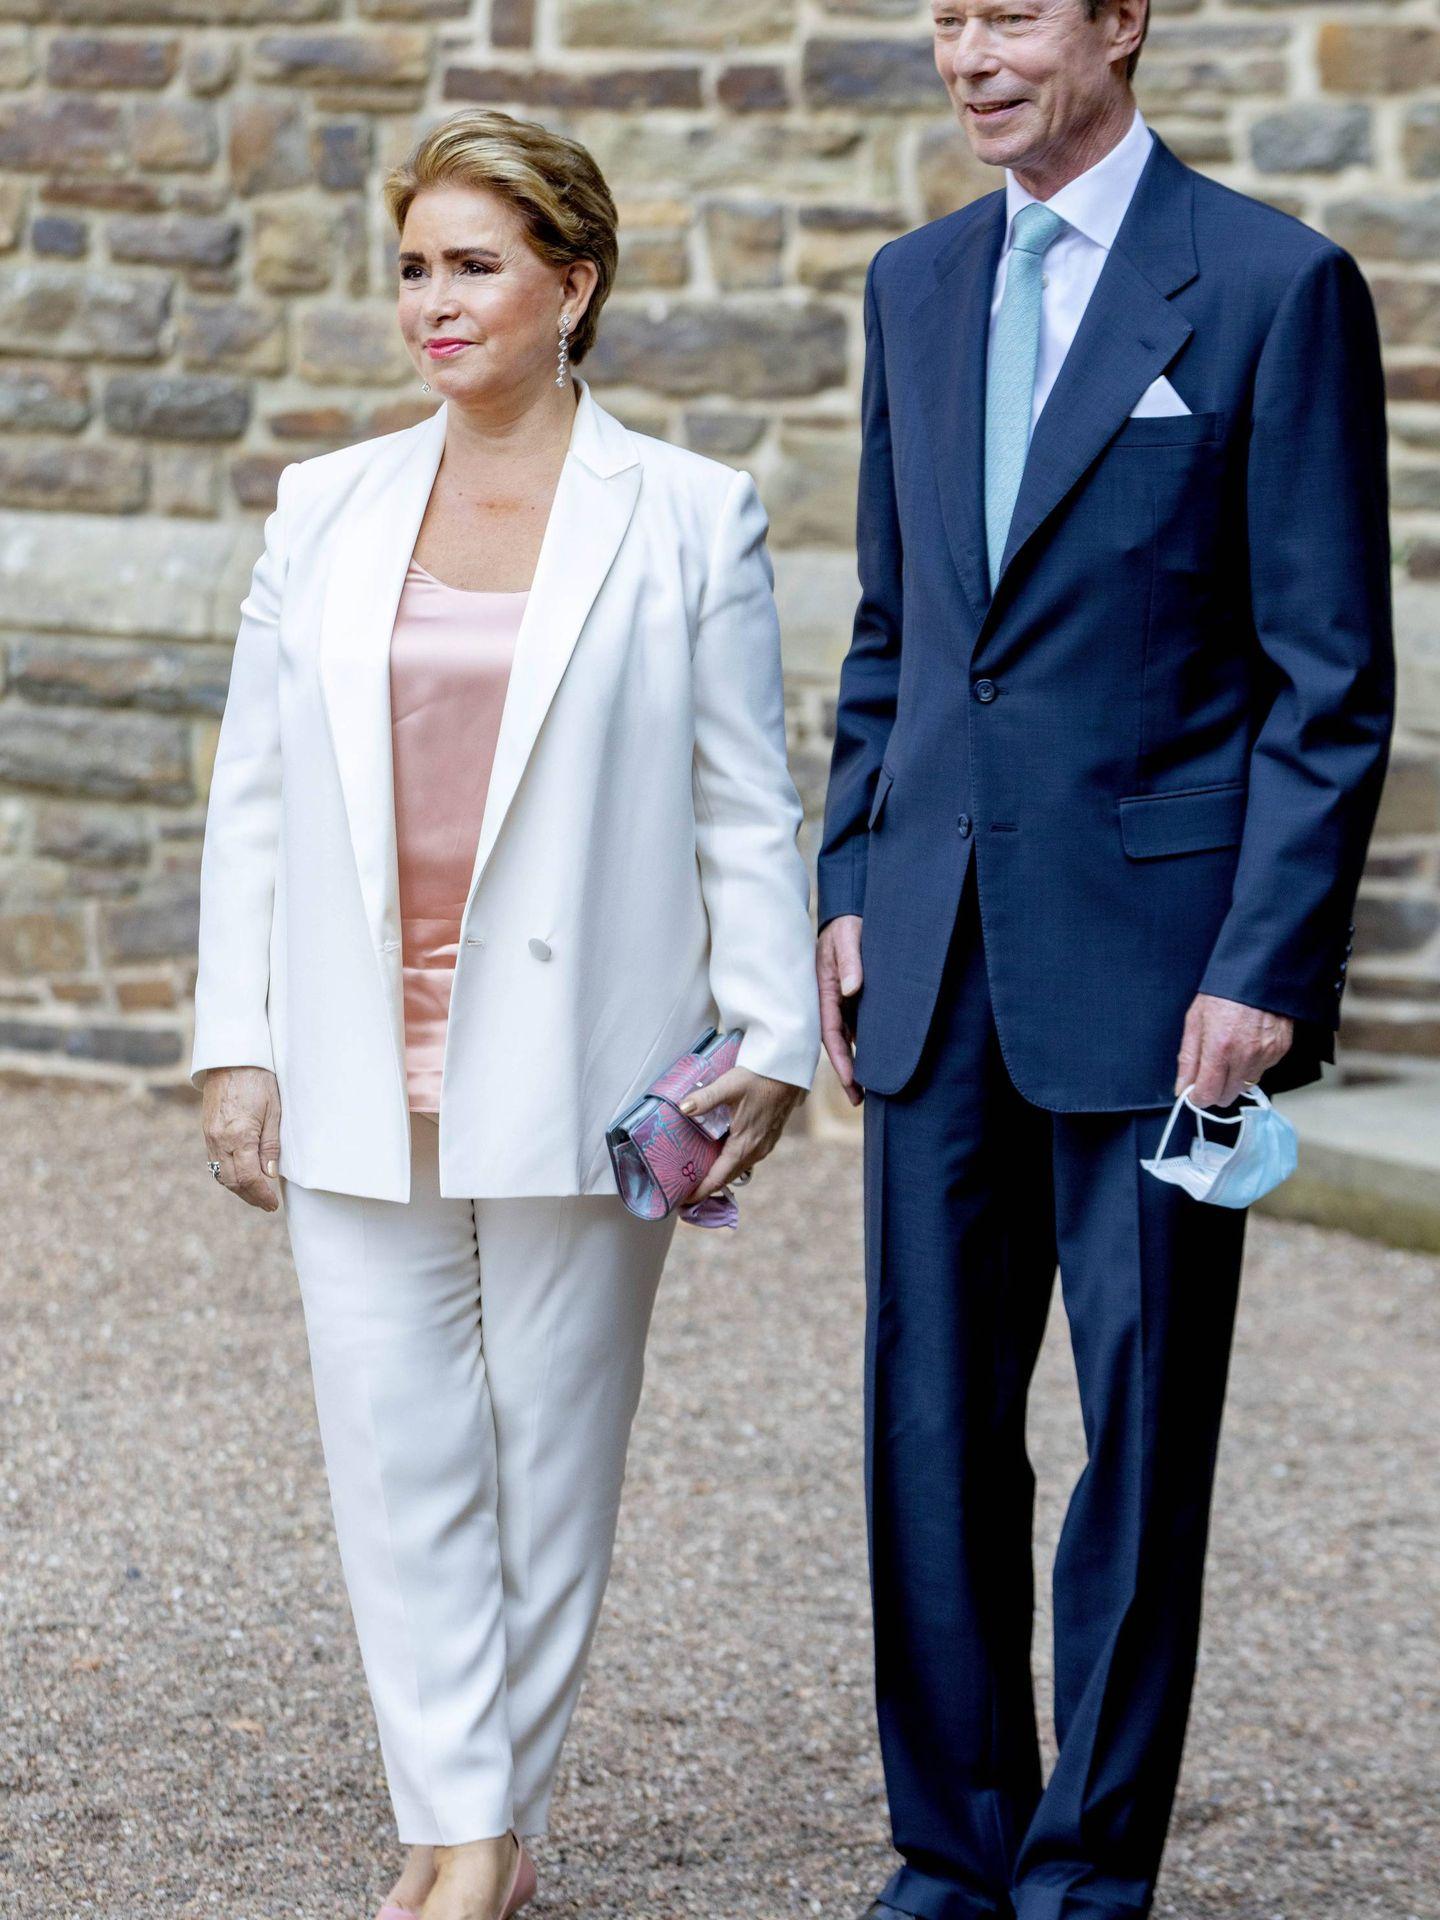 Los grandes duques de Luxemburgo. (Cordon Press)